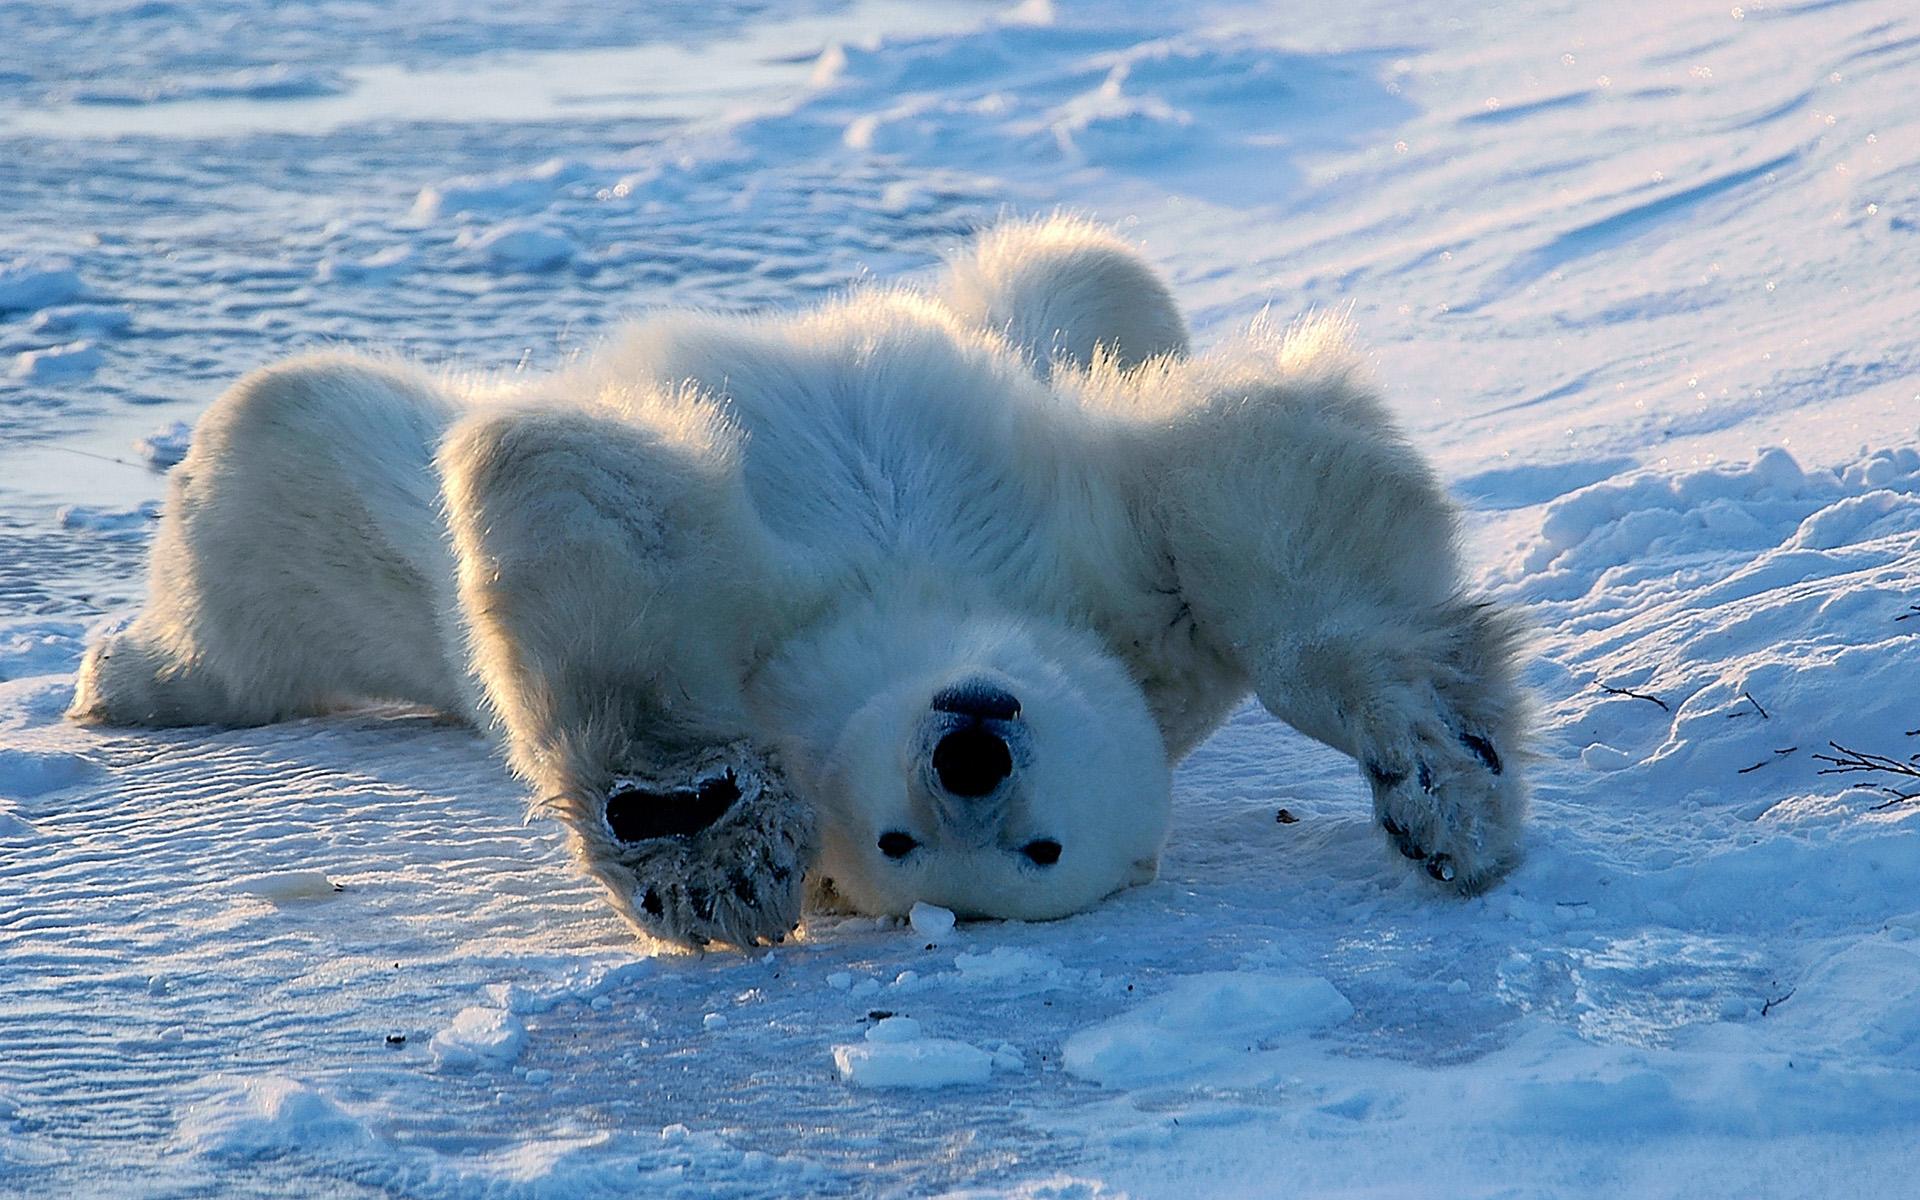 поступающие смешная картинка белого медведя направление